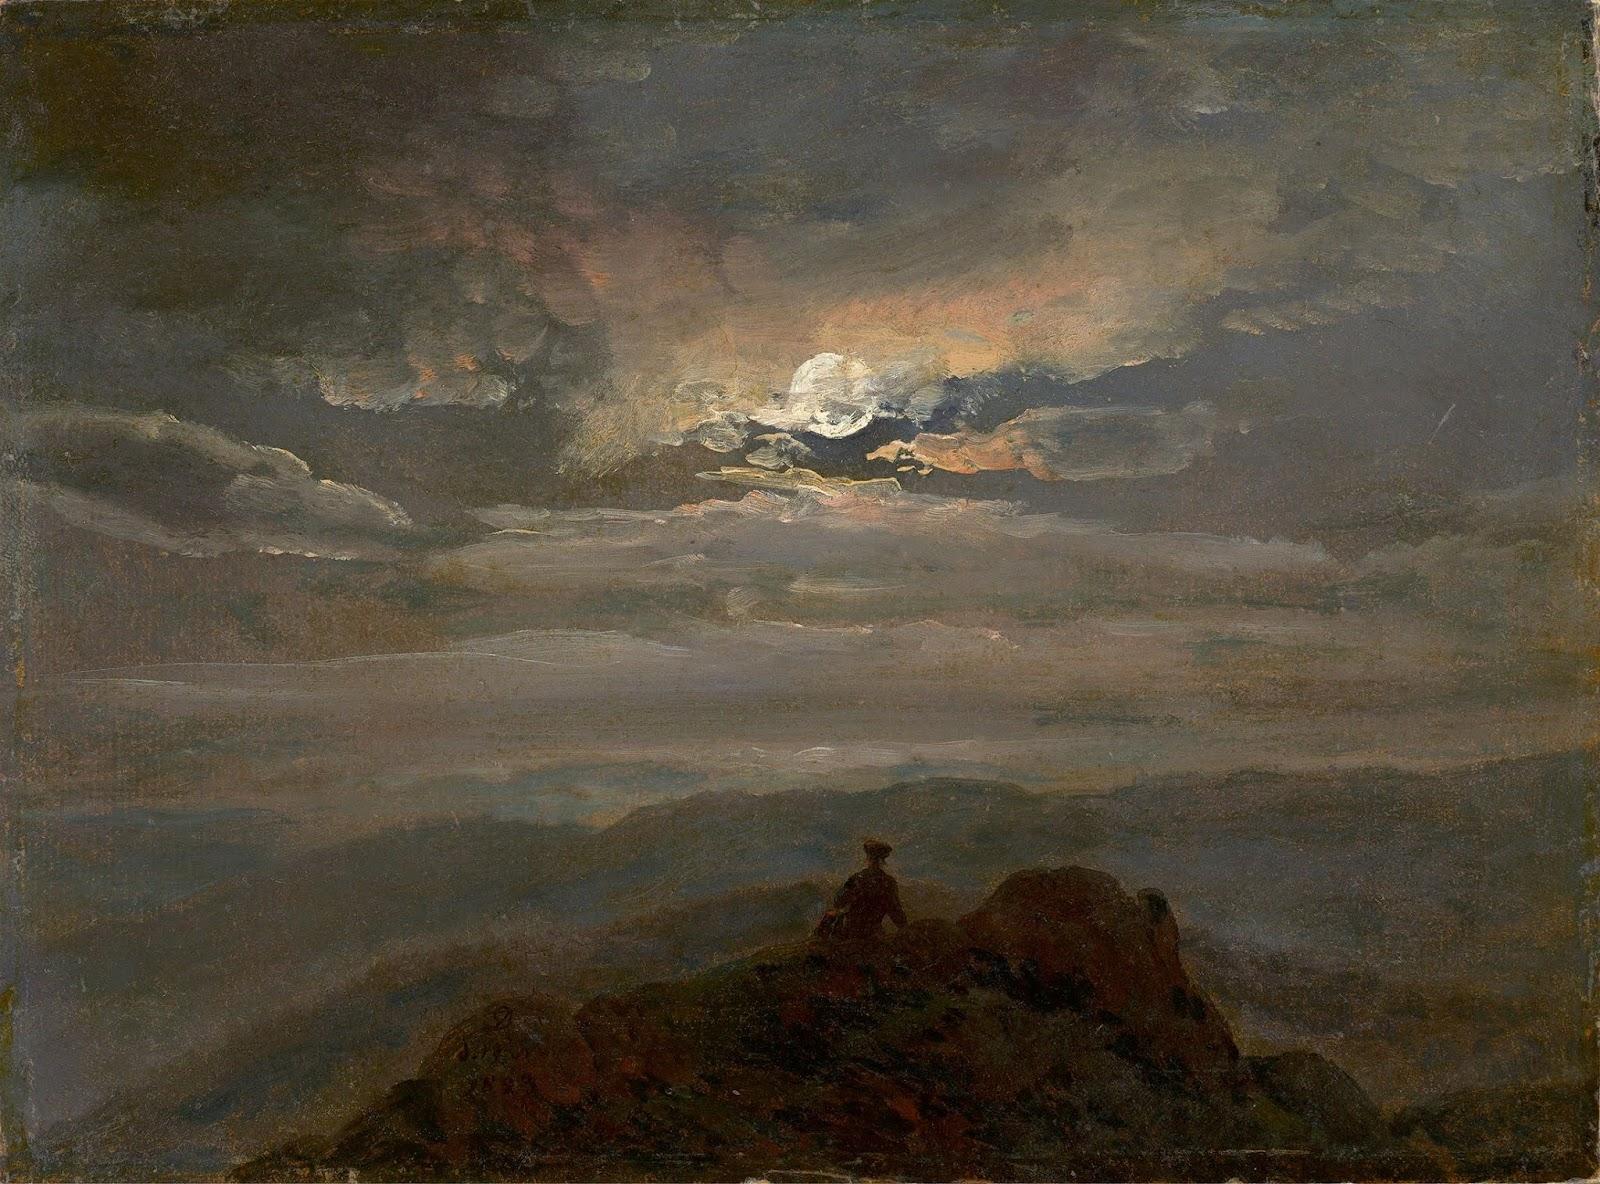 Johan Christian Clausen Dahl (1788 – 1857), Le Voyageur au Sommet de la  Montagne - 1823